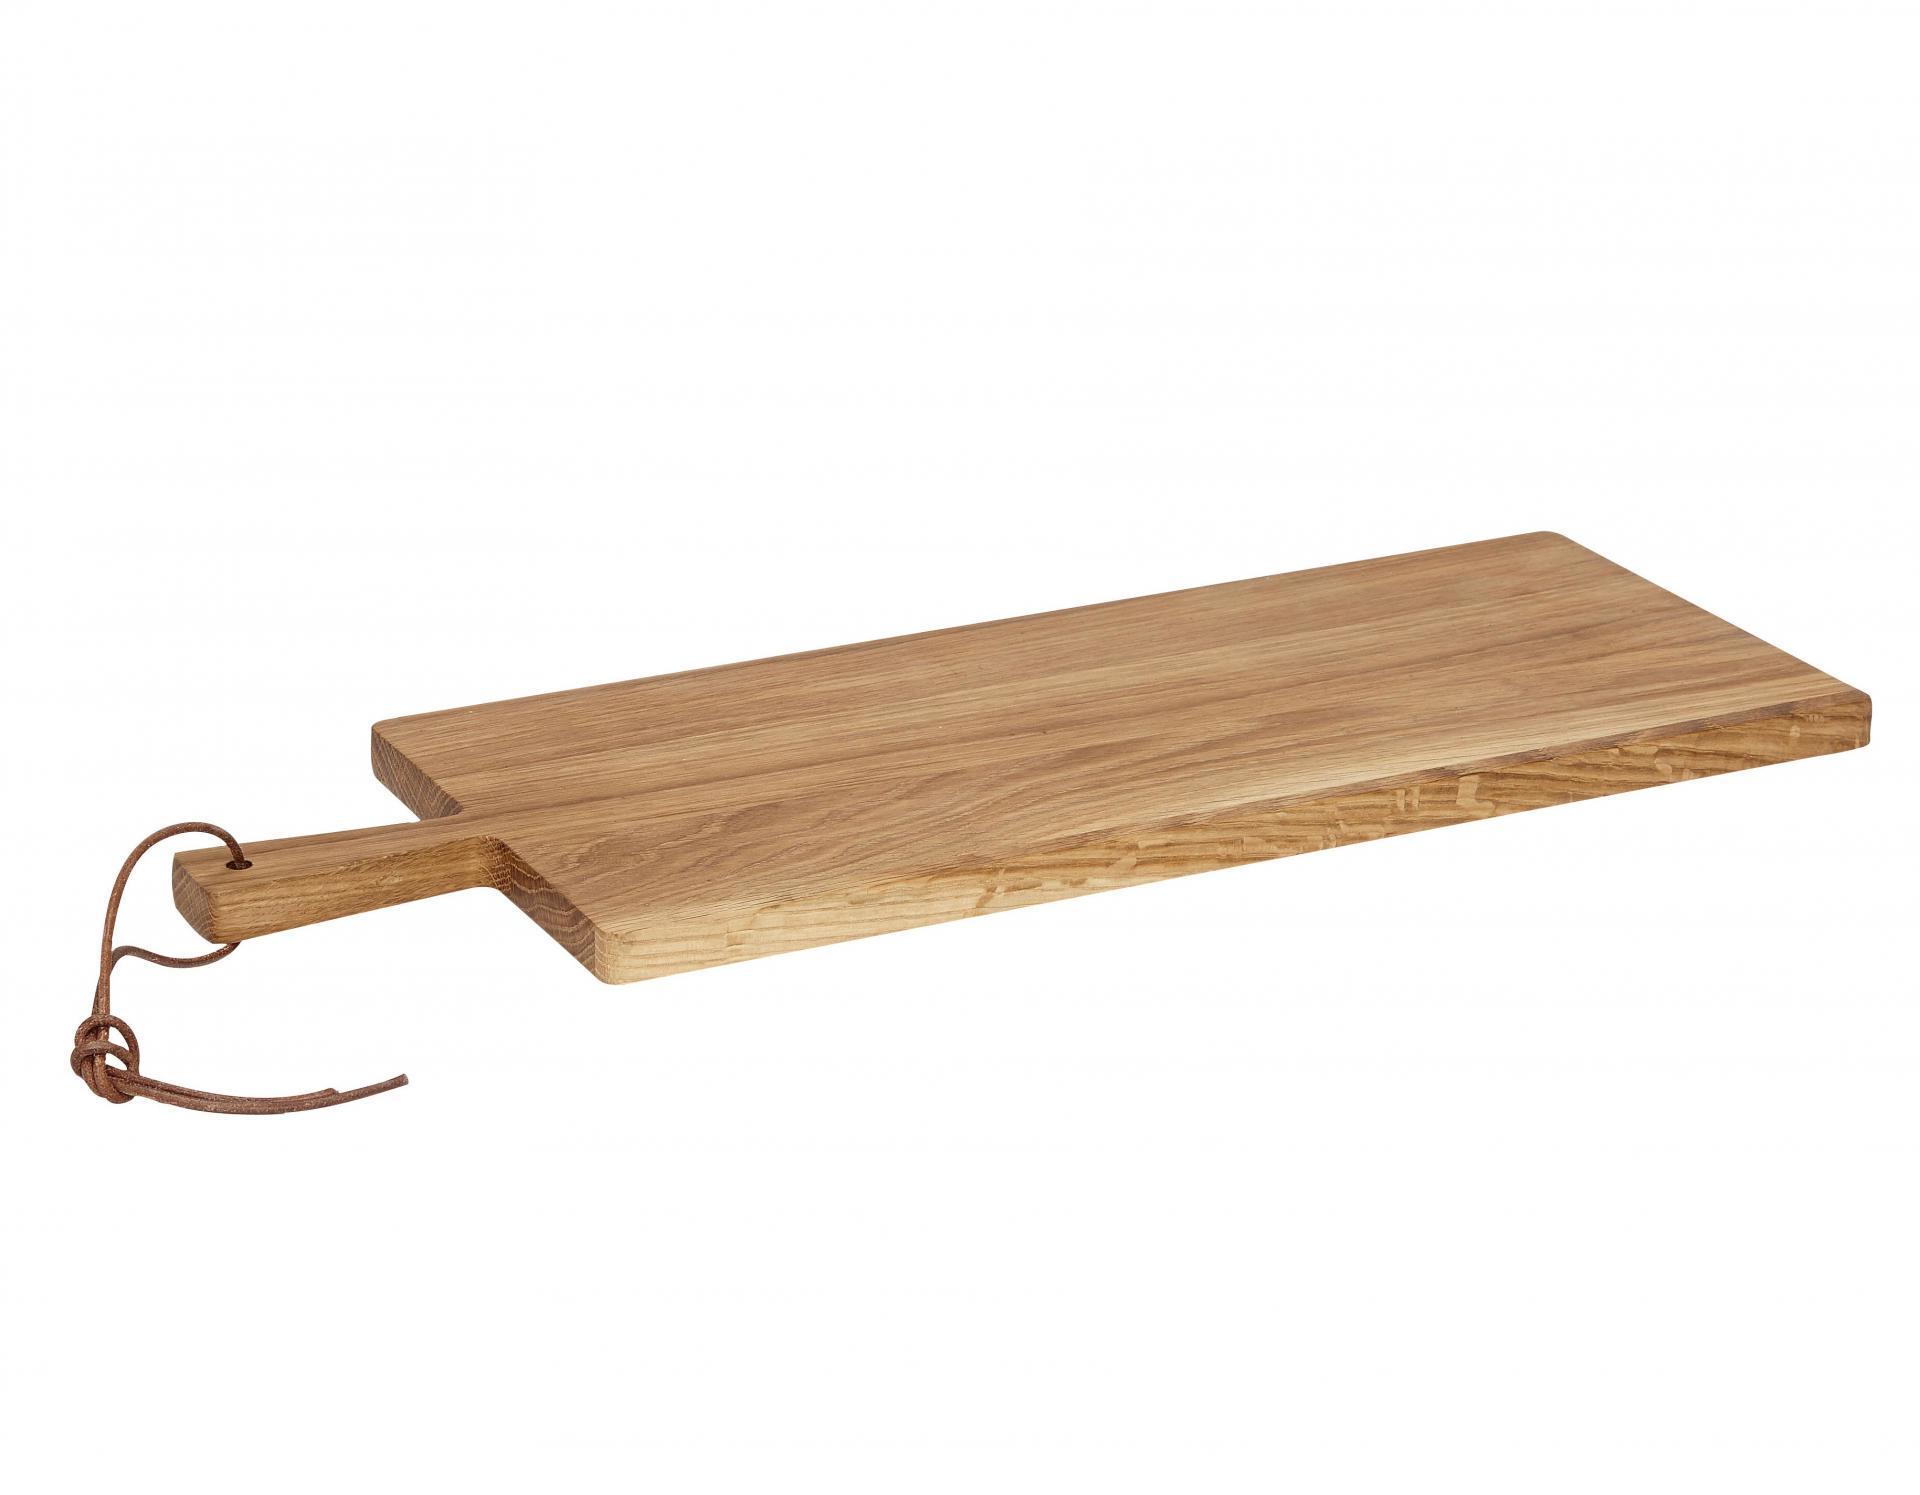 Hübsch Dubové prkénko na krájení 20x56 cm